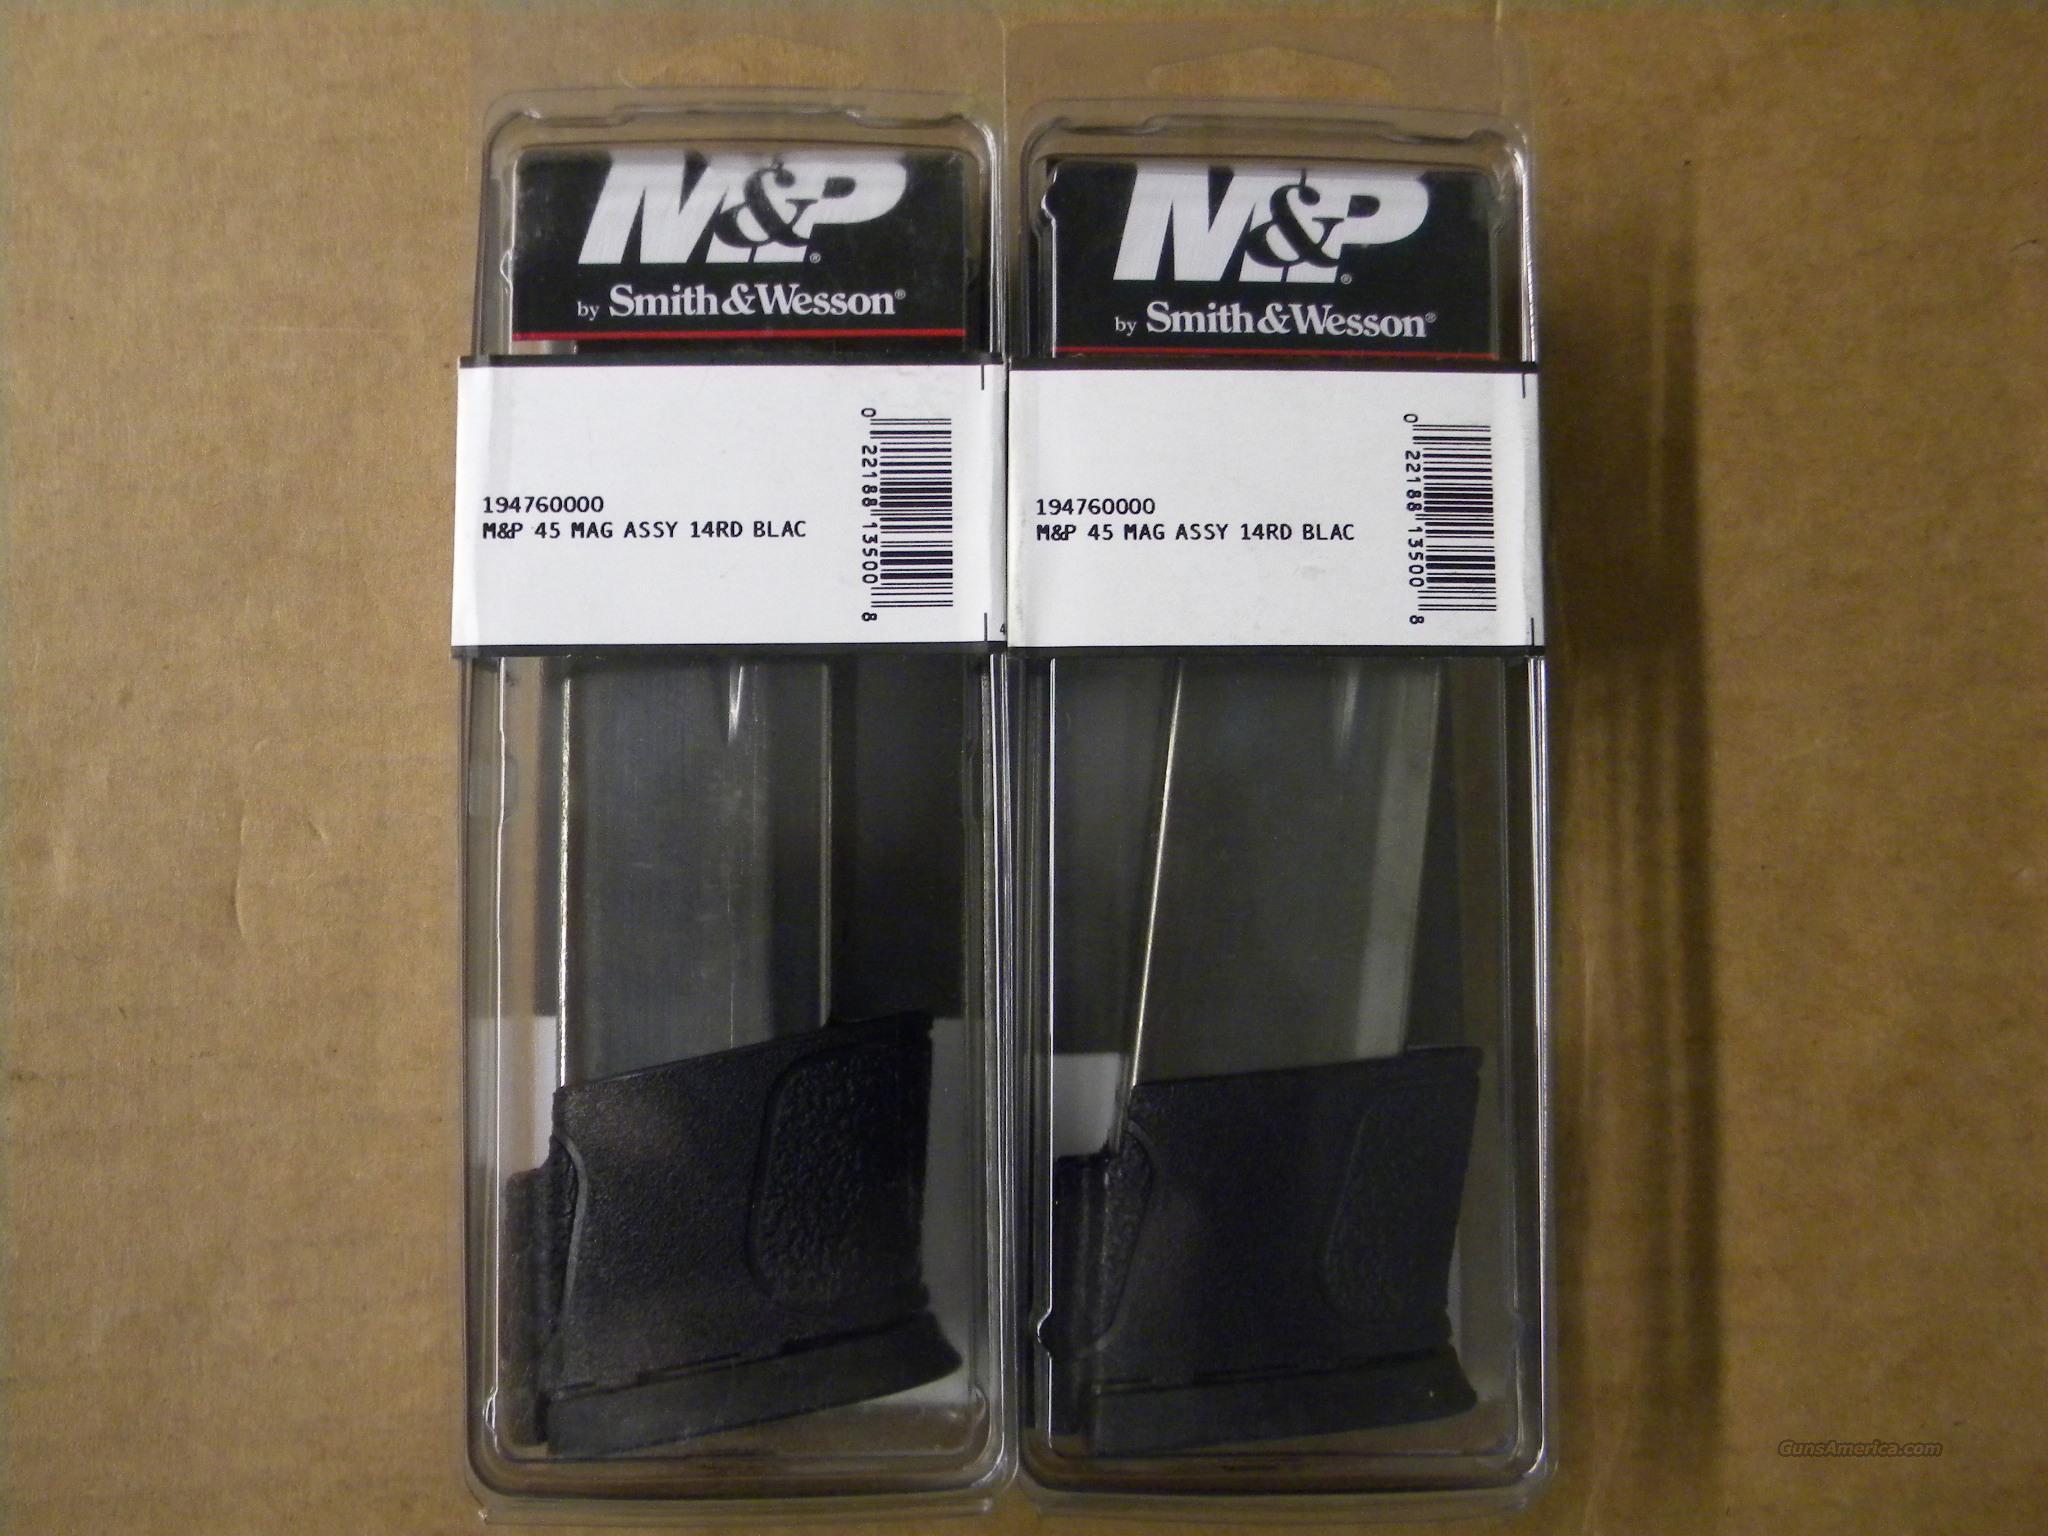 Smith & Wesson M&P 14 Round .45ACP/AUTO Magazine (2)  Non-Guns > Magazines & Clips > Pistol Magazines > Smith & Wesson